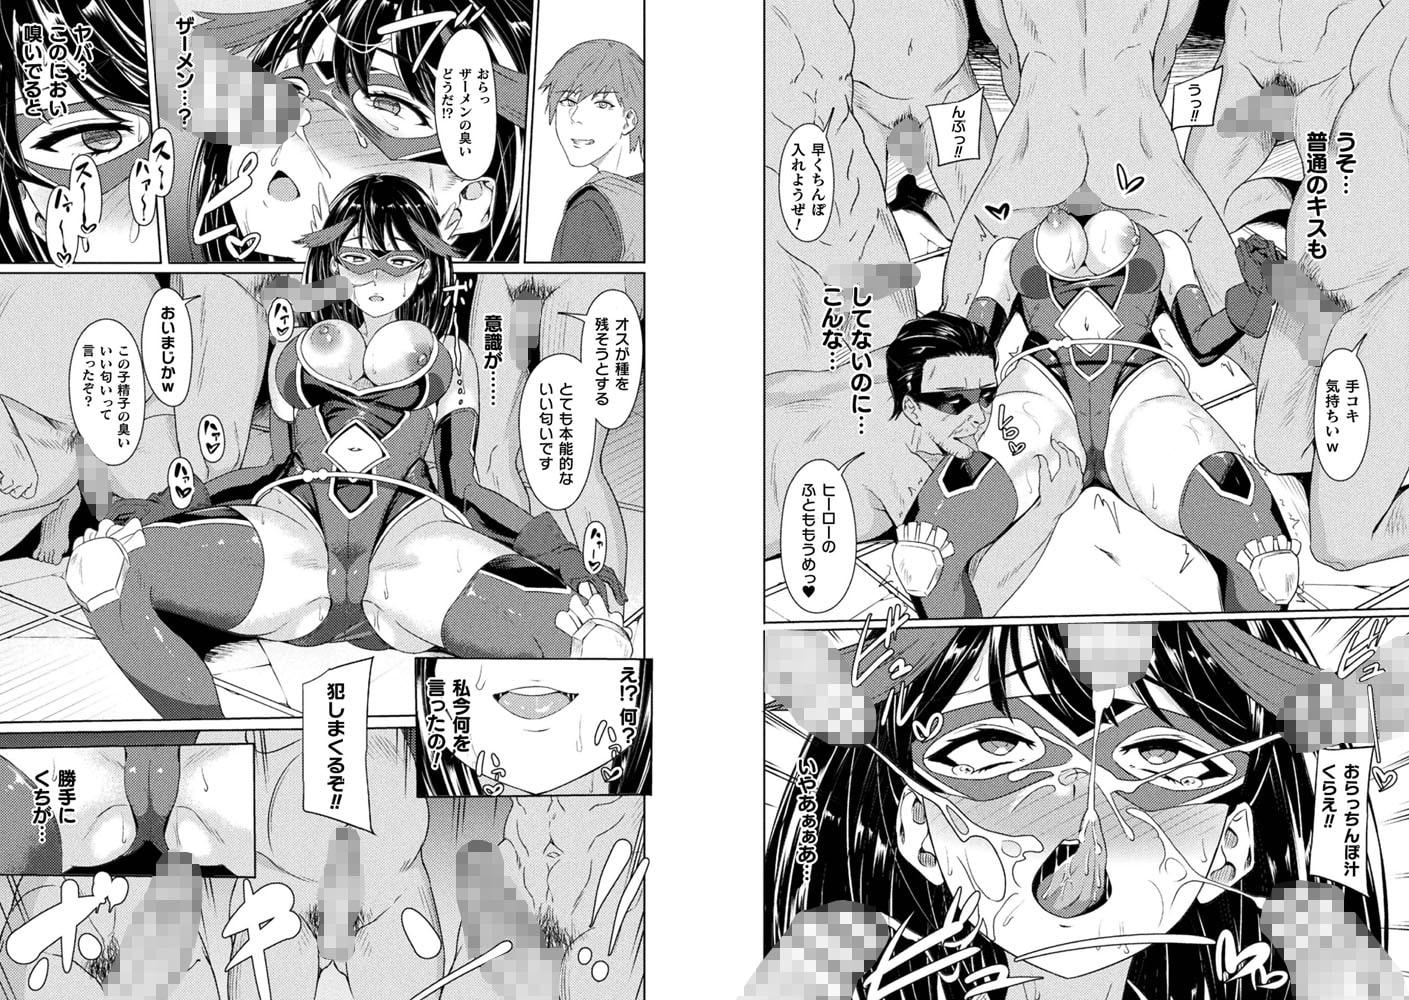 パワーガール ~JKスーパーヒロインの催淫堕落記~ 第1話のサンプル画像